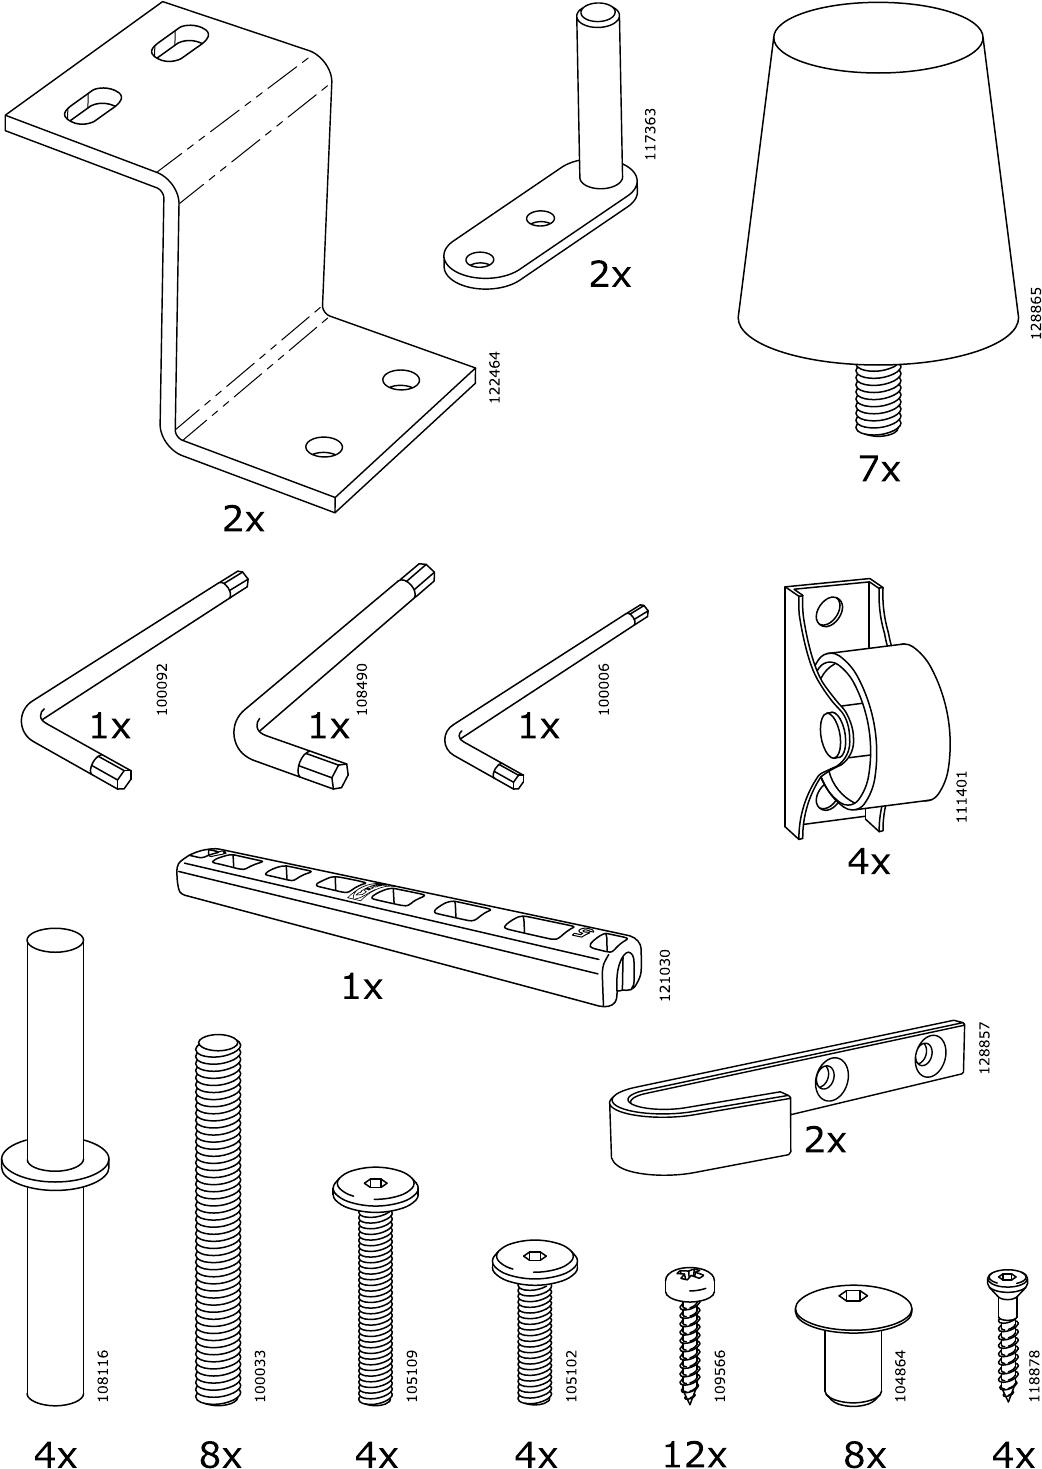 Ikea Friheten Anleitung Ikea Friheten Anleitung Vom